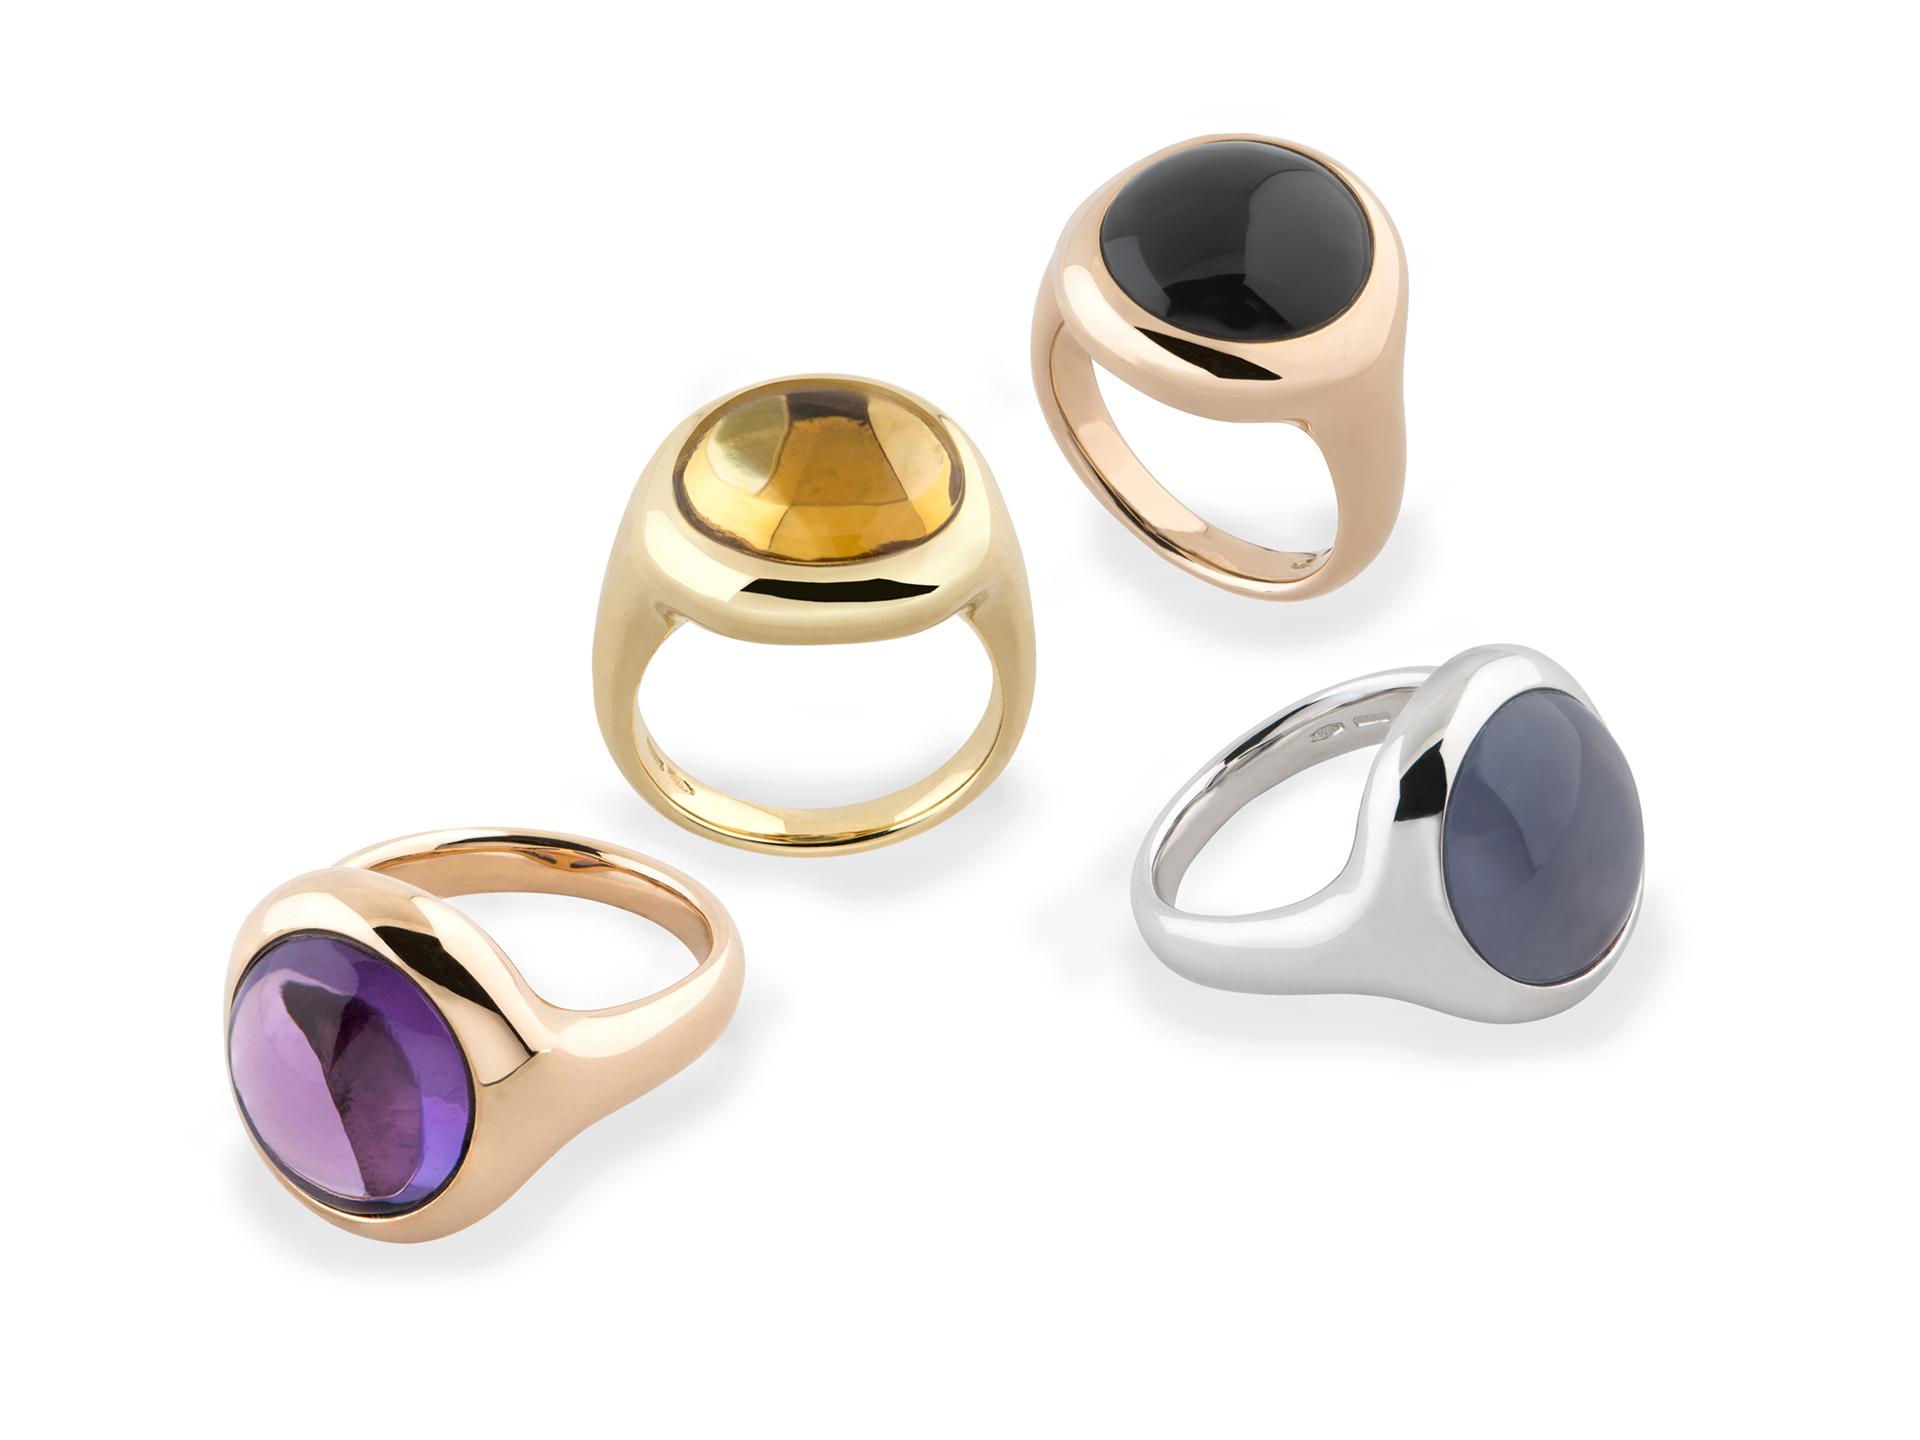 Anello con cabochon rotondo in oro - anello con pietra dura rotonda in oro - Hausmann & Co. collezione Plenilunio